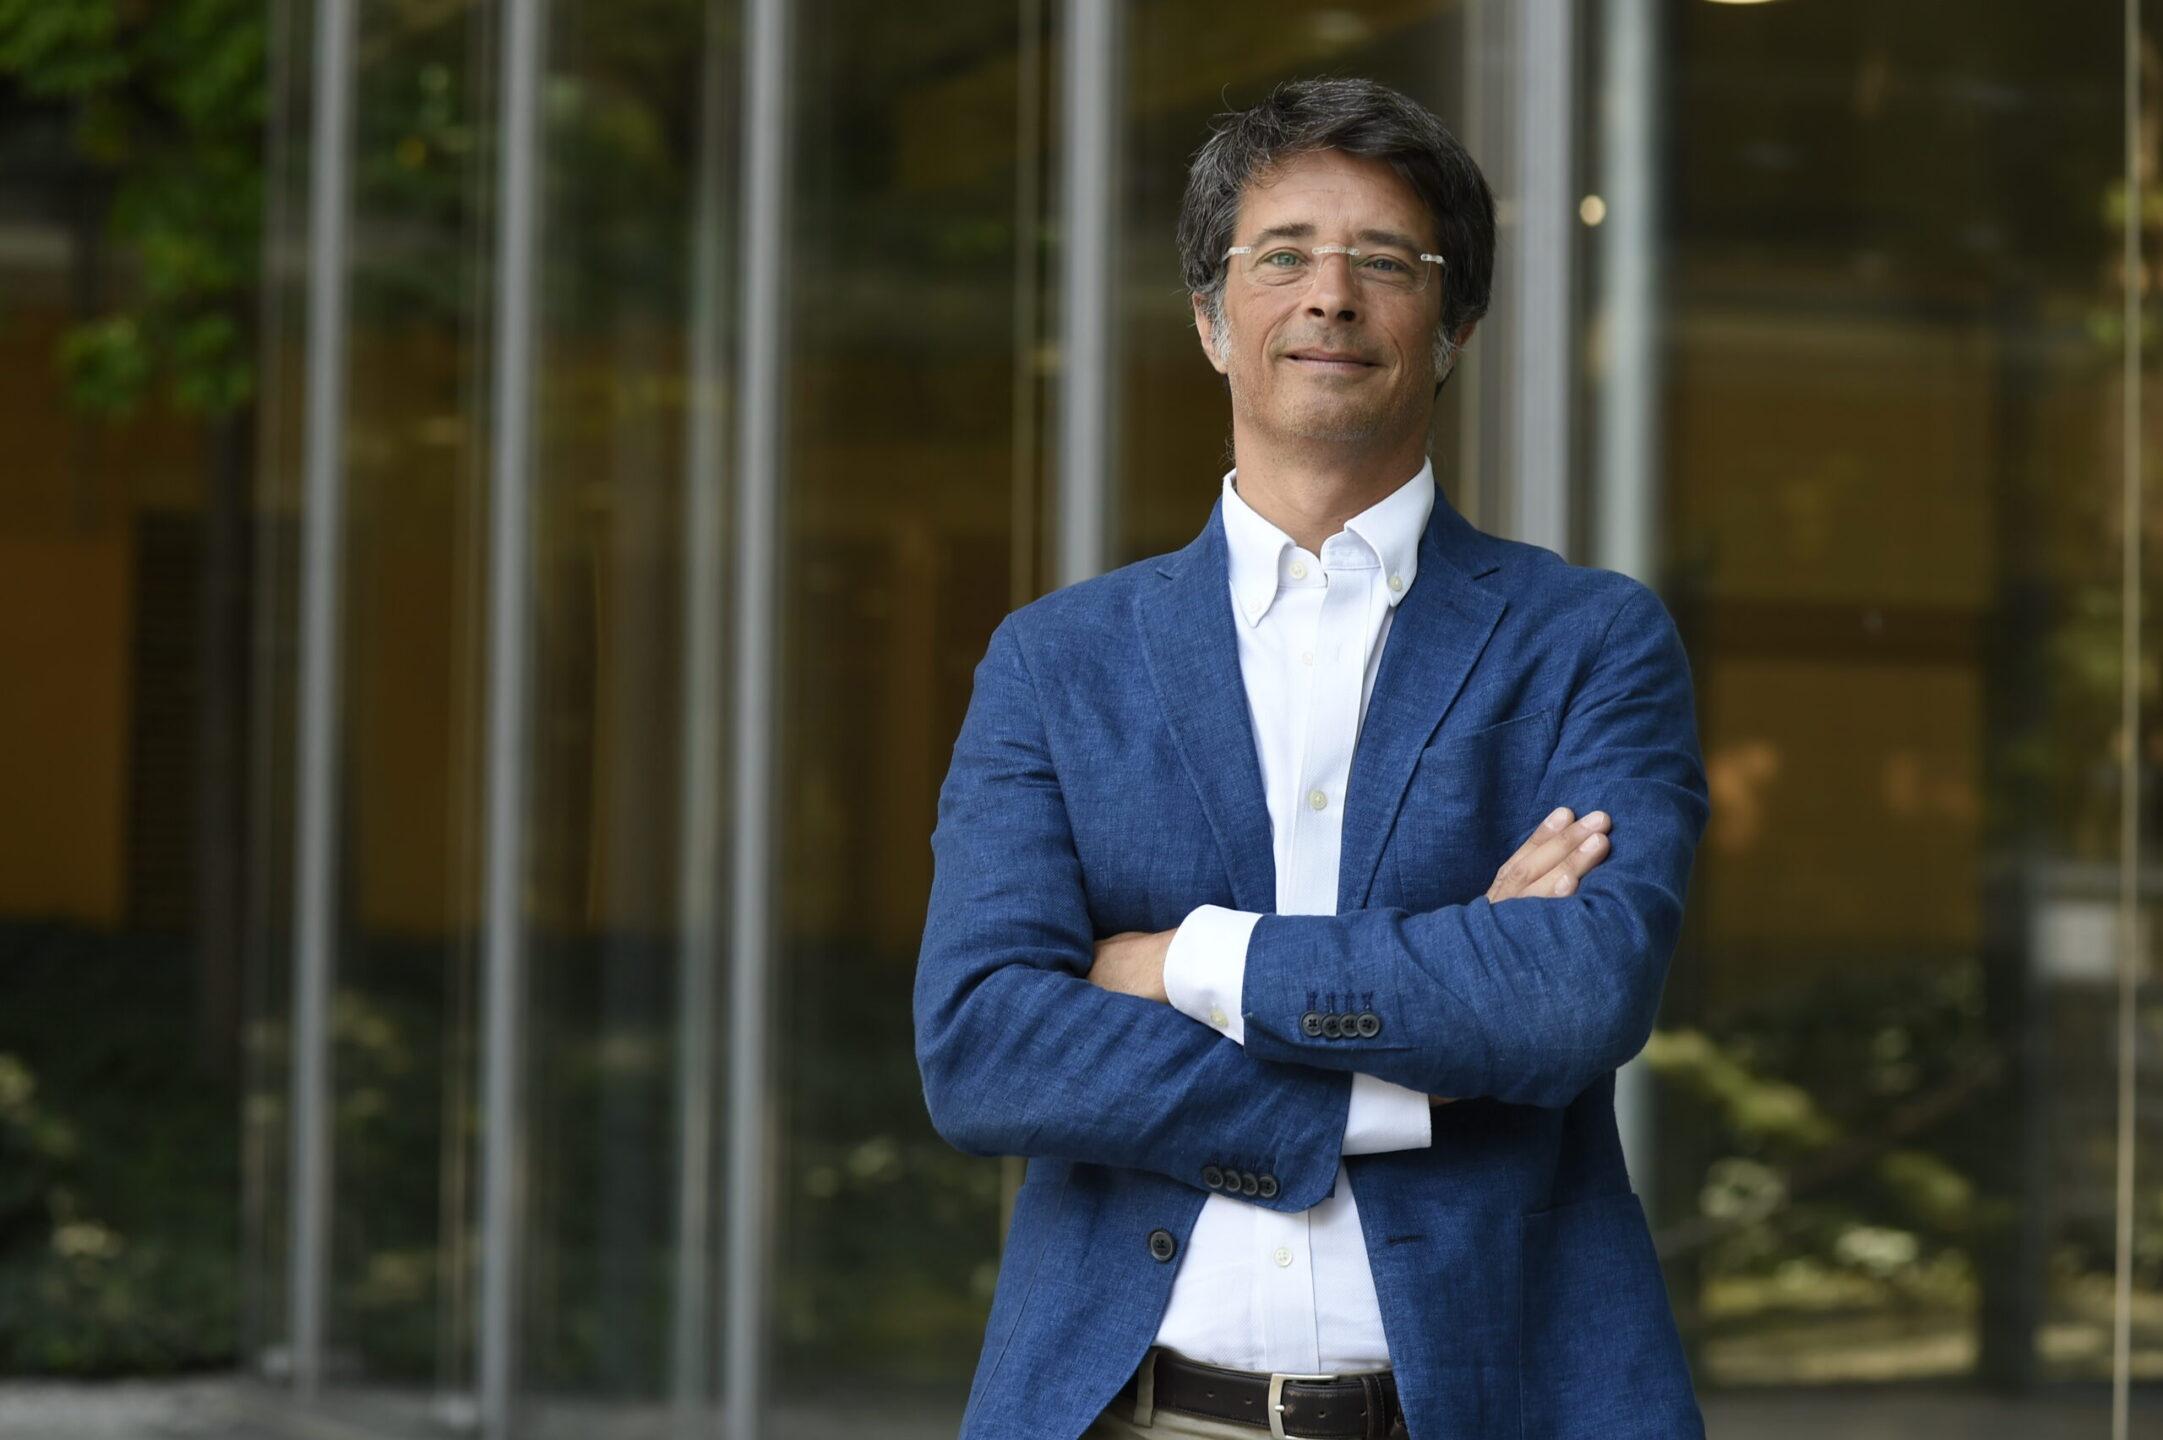 Marco Magnocavallo, Chief executive officer e co-fondatore di Tannico